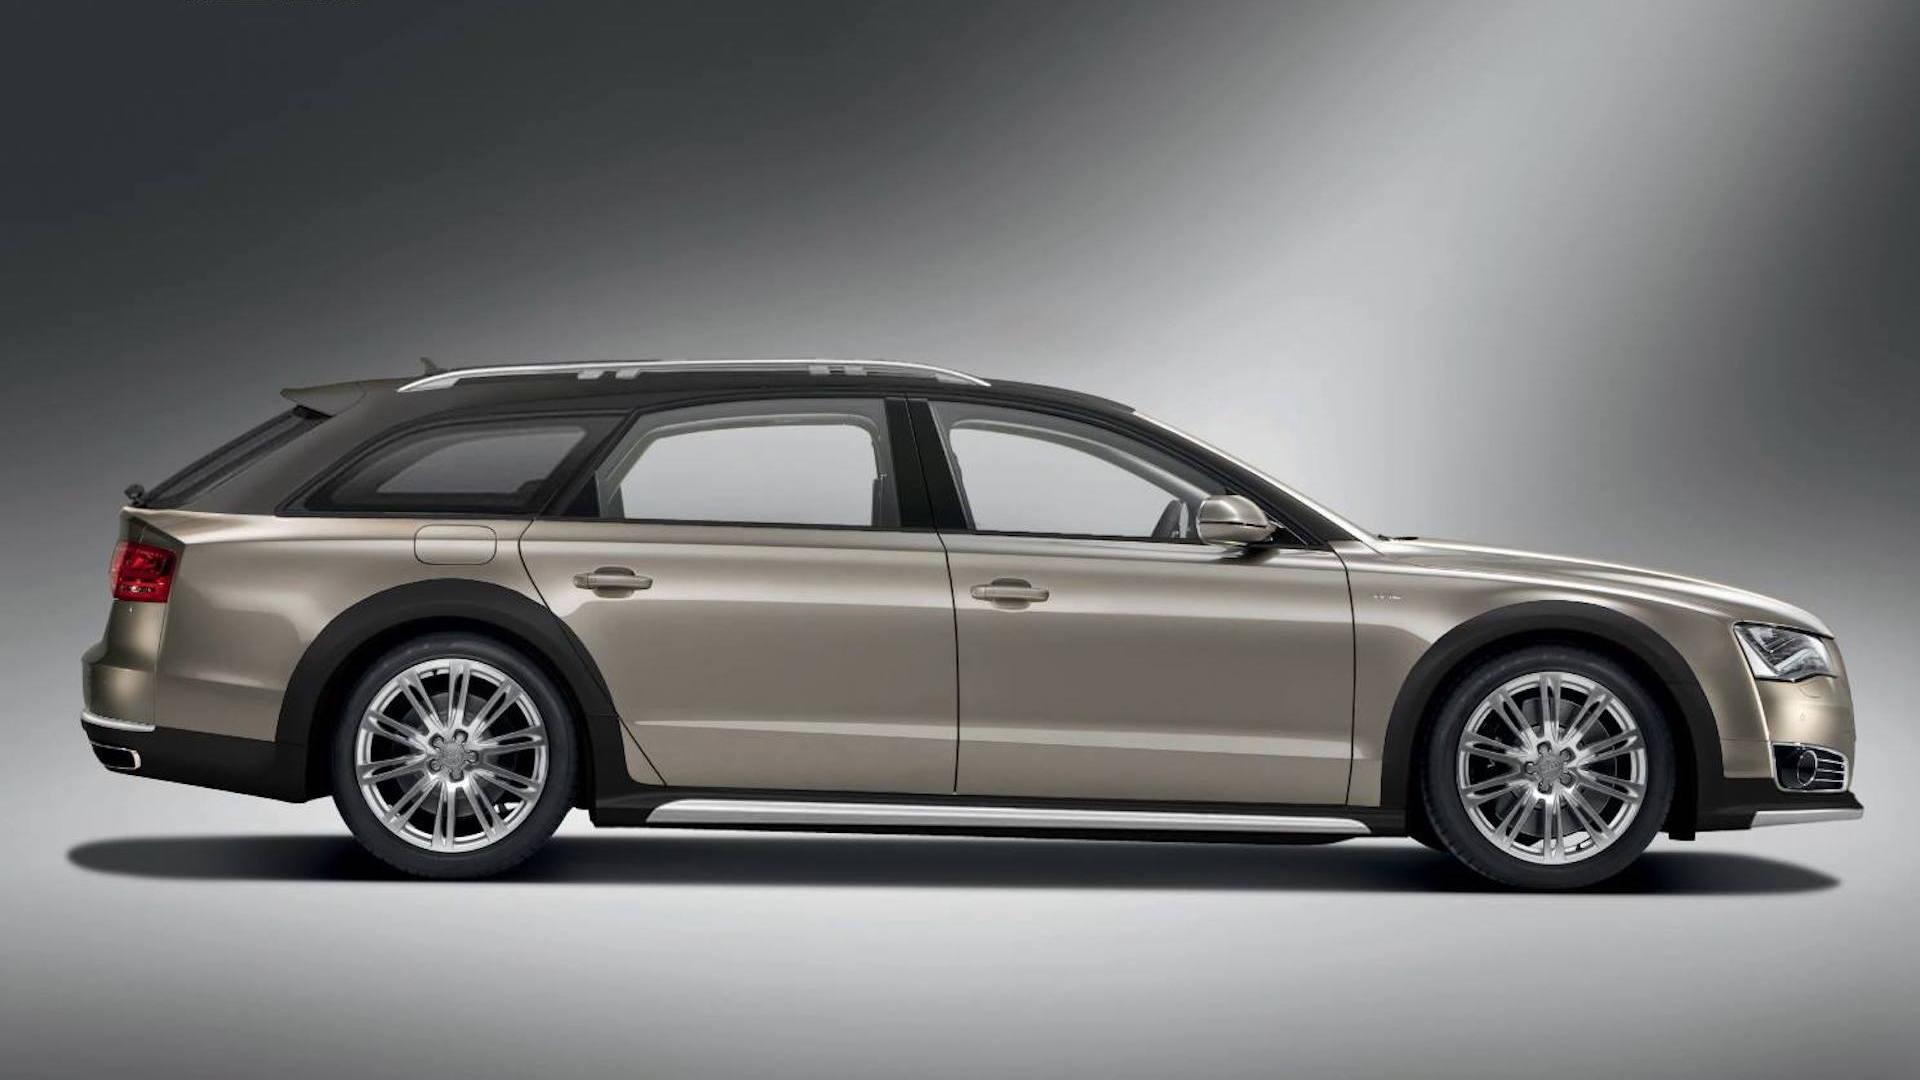 Audi A8 Avant wagon by Castagna